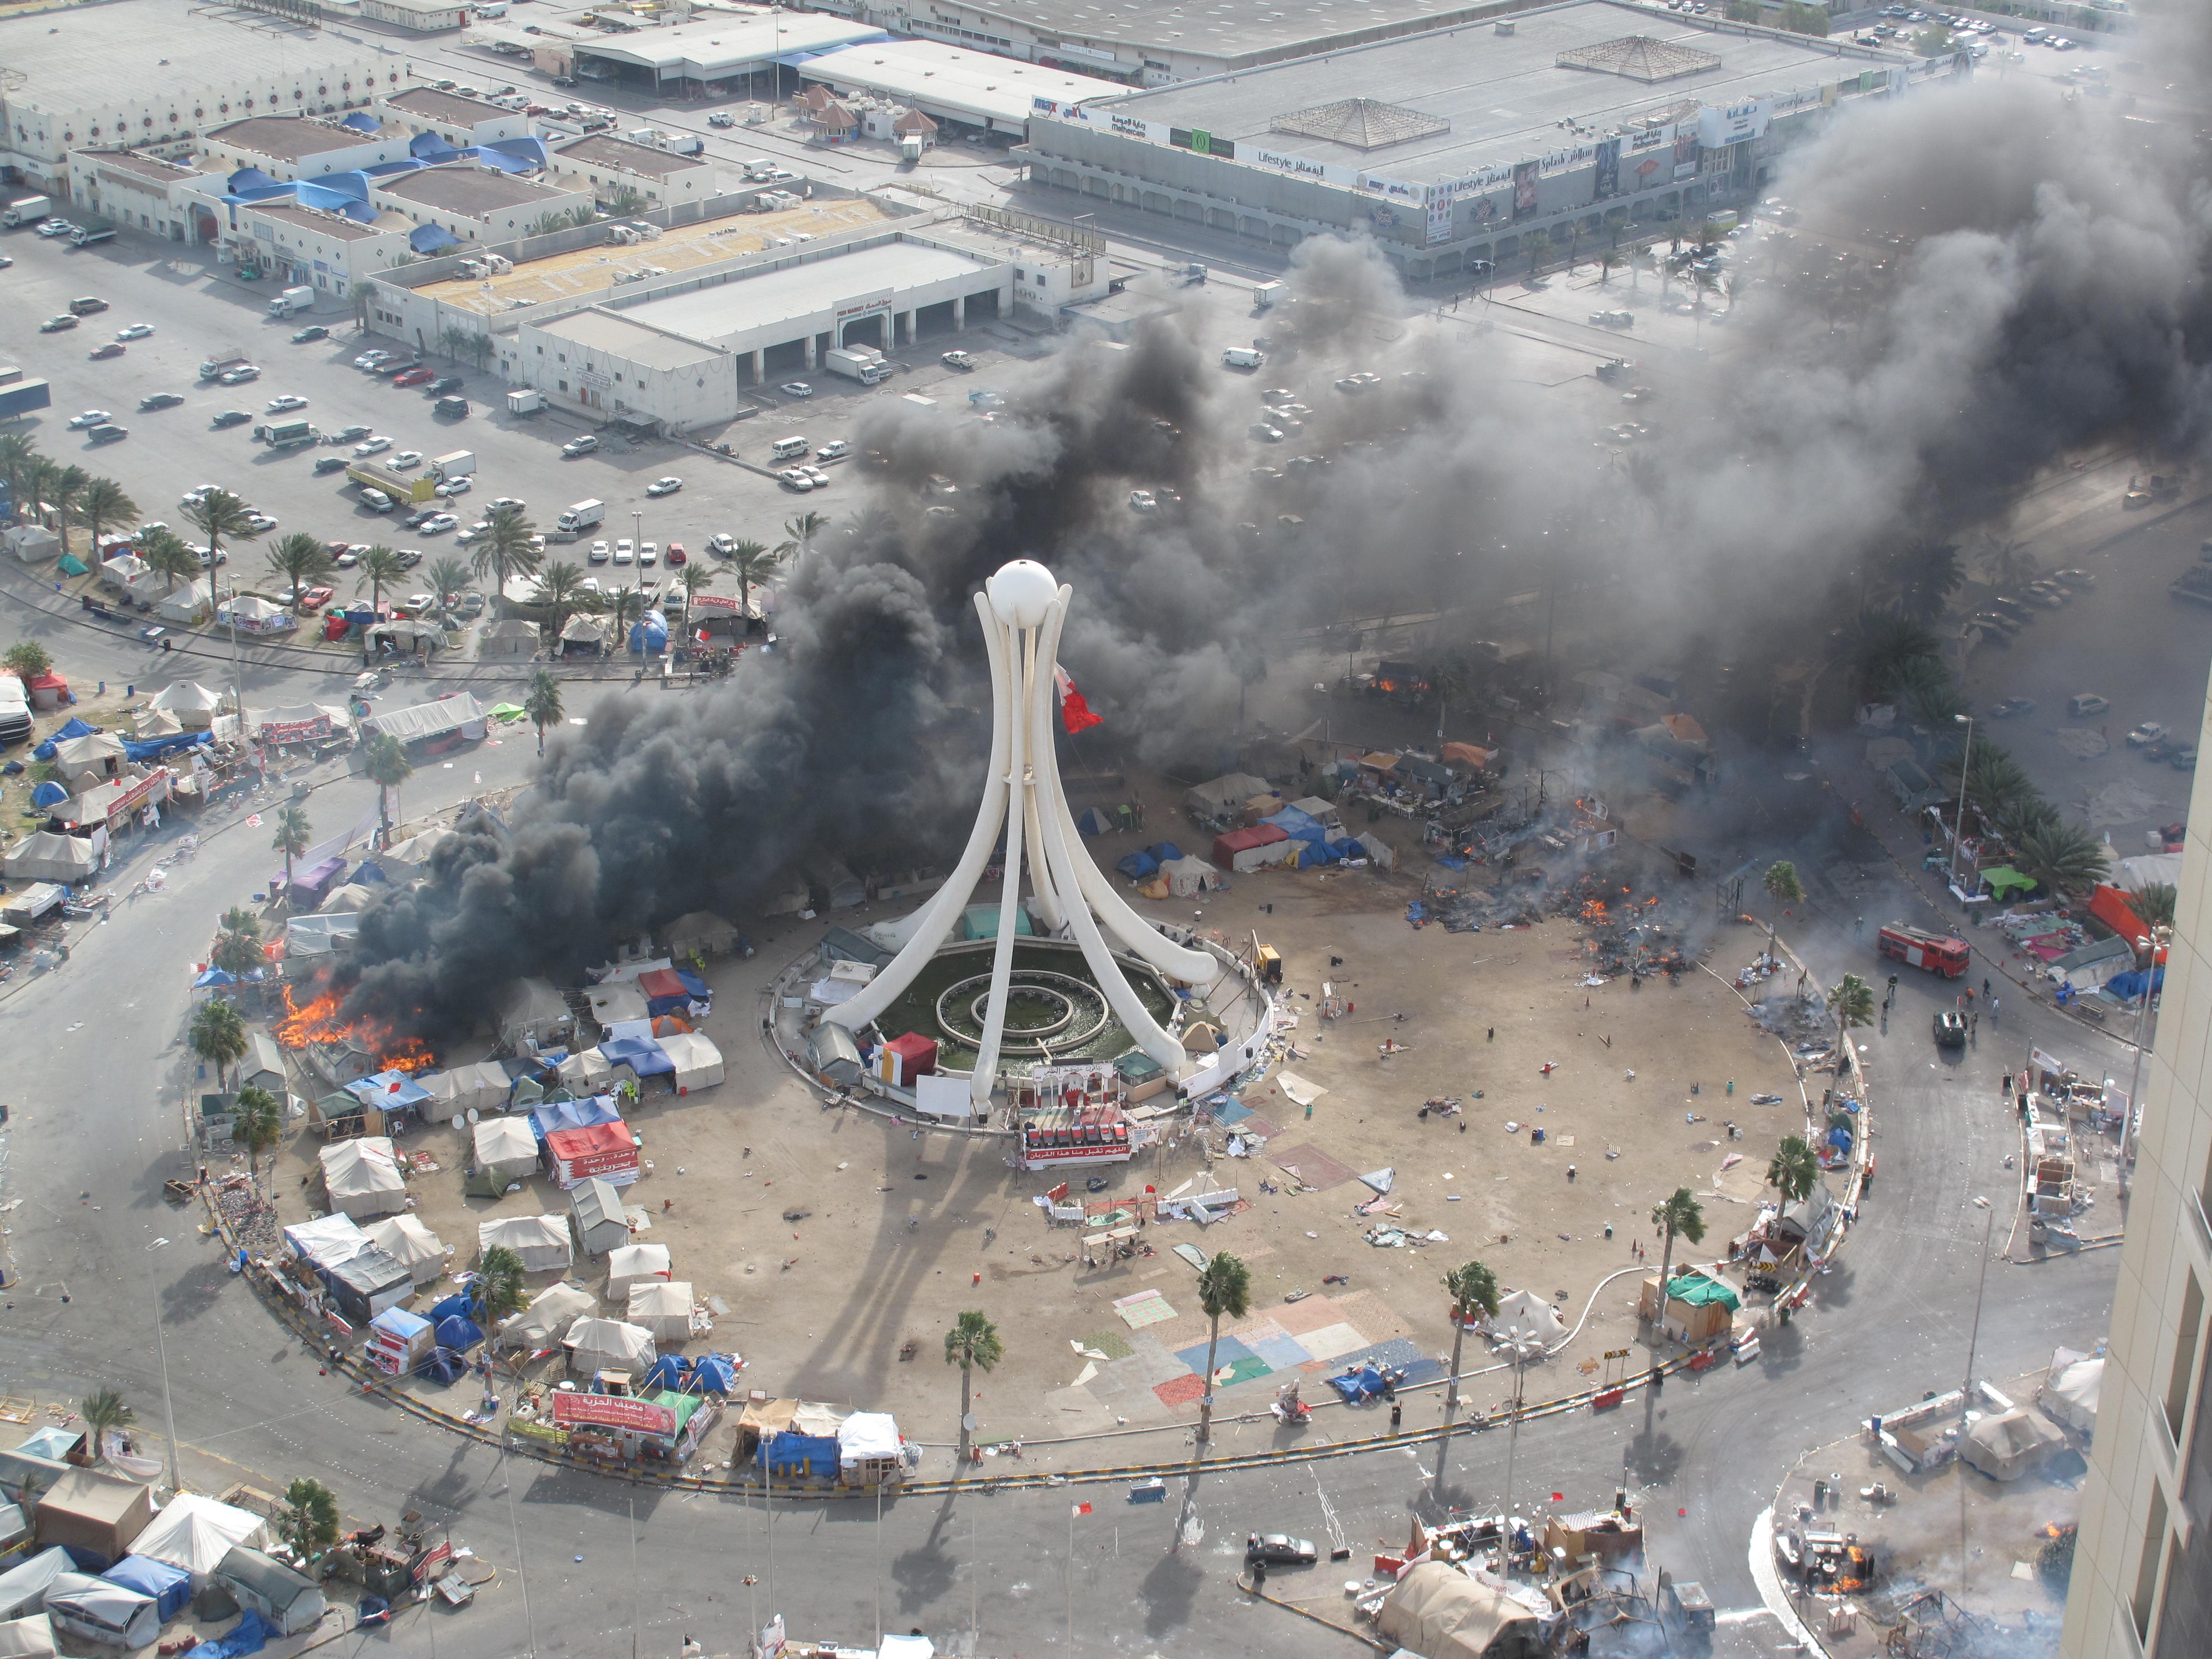 Brennende Zelte, als das Militär den Perlenplatz stürmt. 16. März 2011. Bild: Bahrain in pictures. Lizenz: Creative Commons BY-SA 3.0.